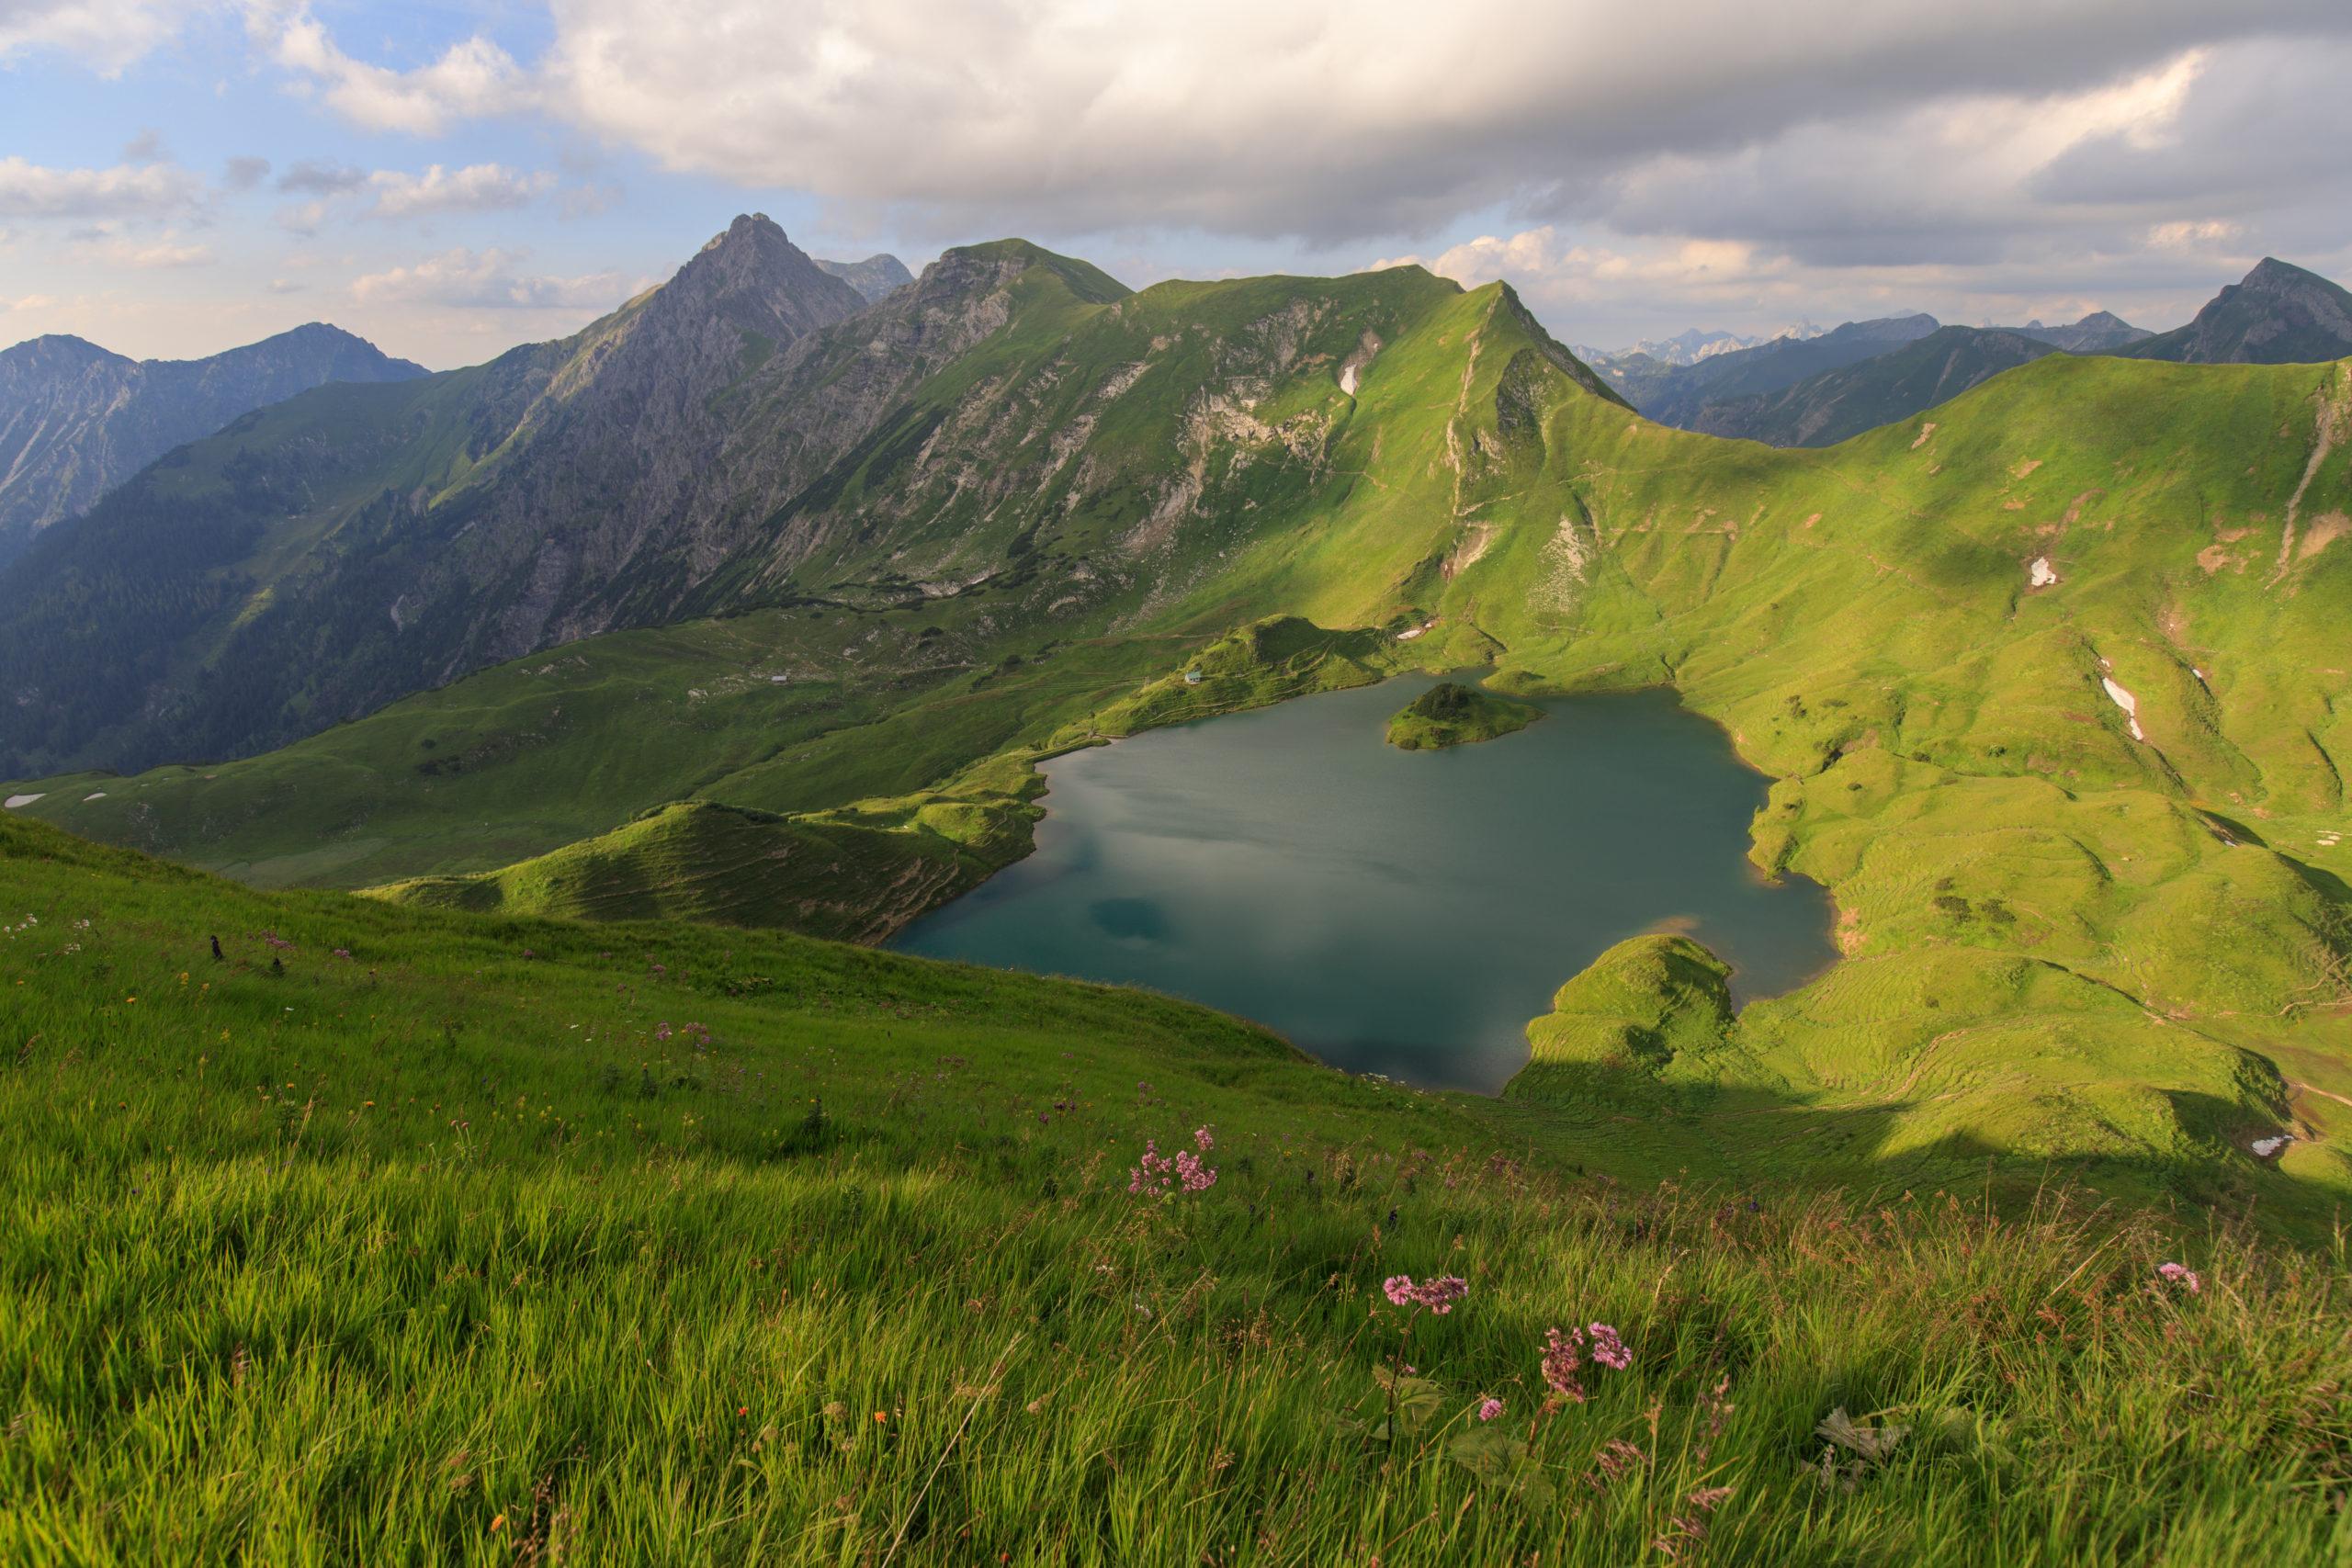 Sommerurlaub in Süddeutschland: Schrecksee Allgäuer Alpen